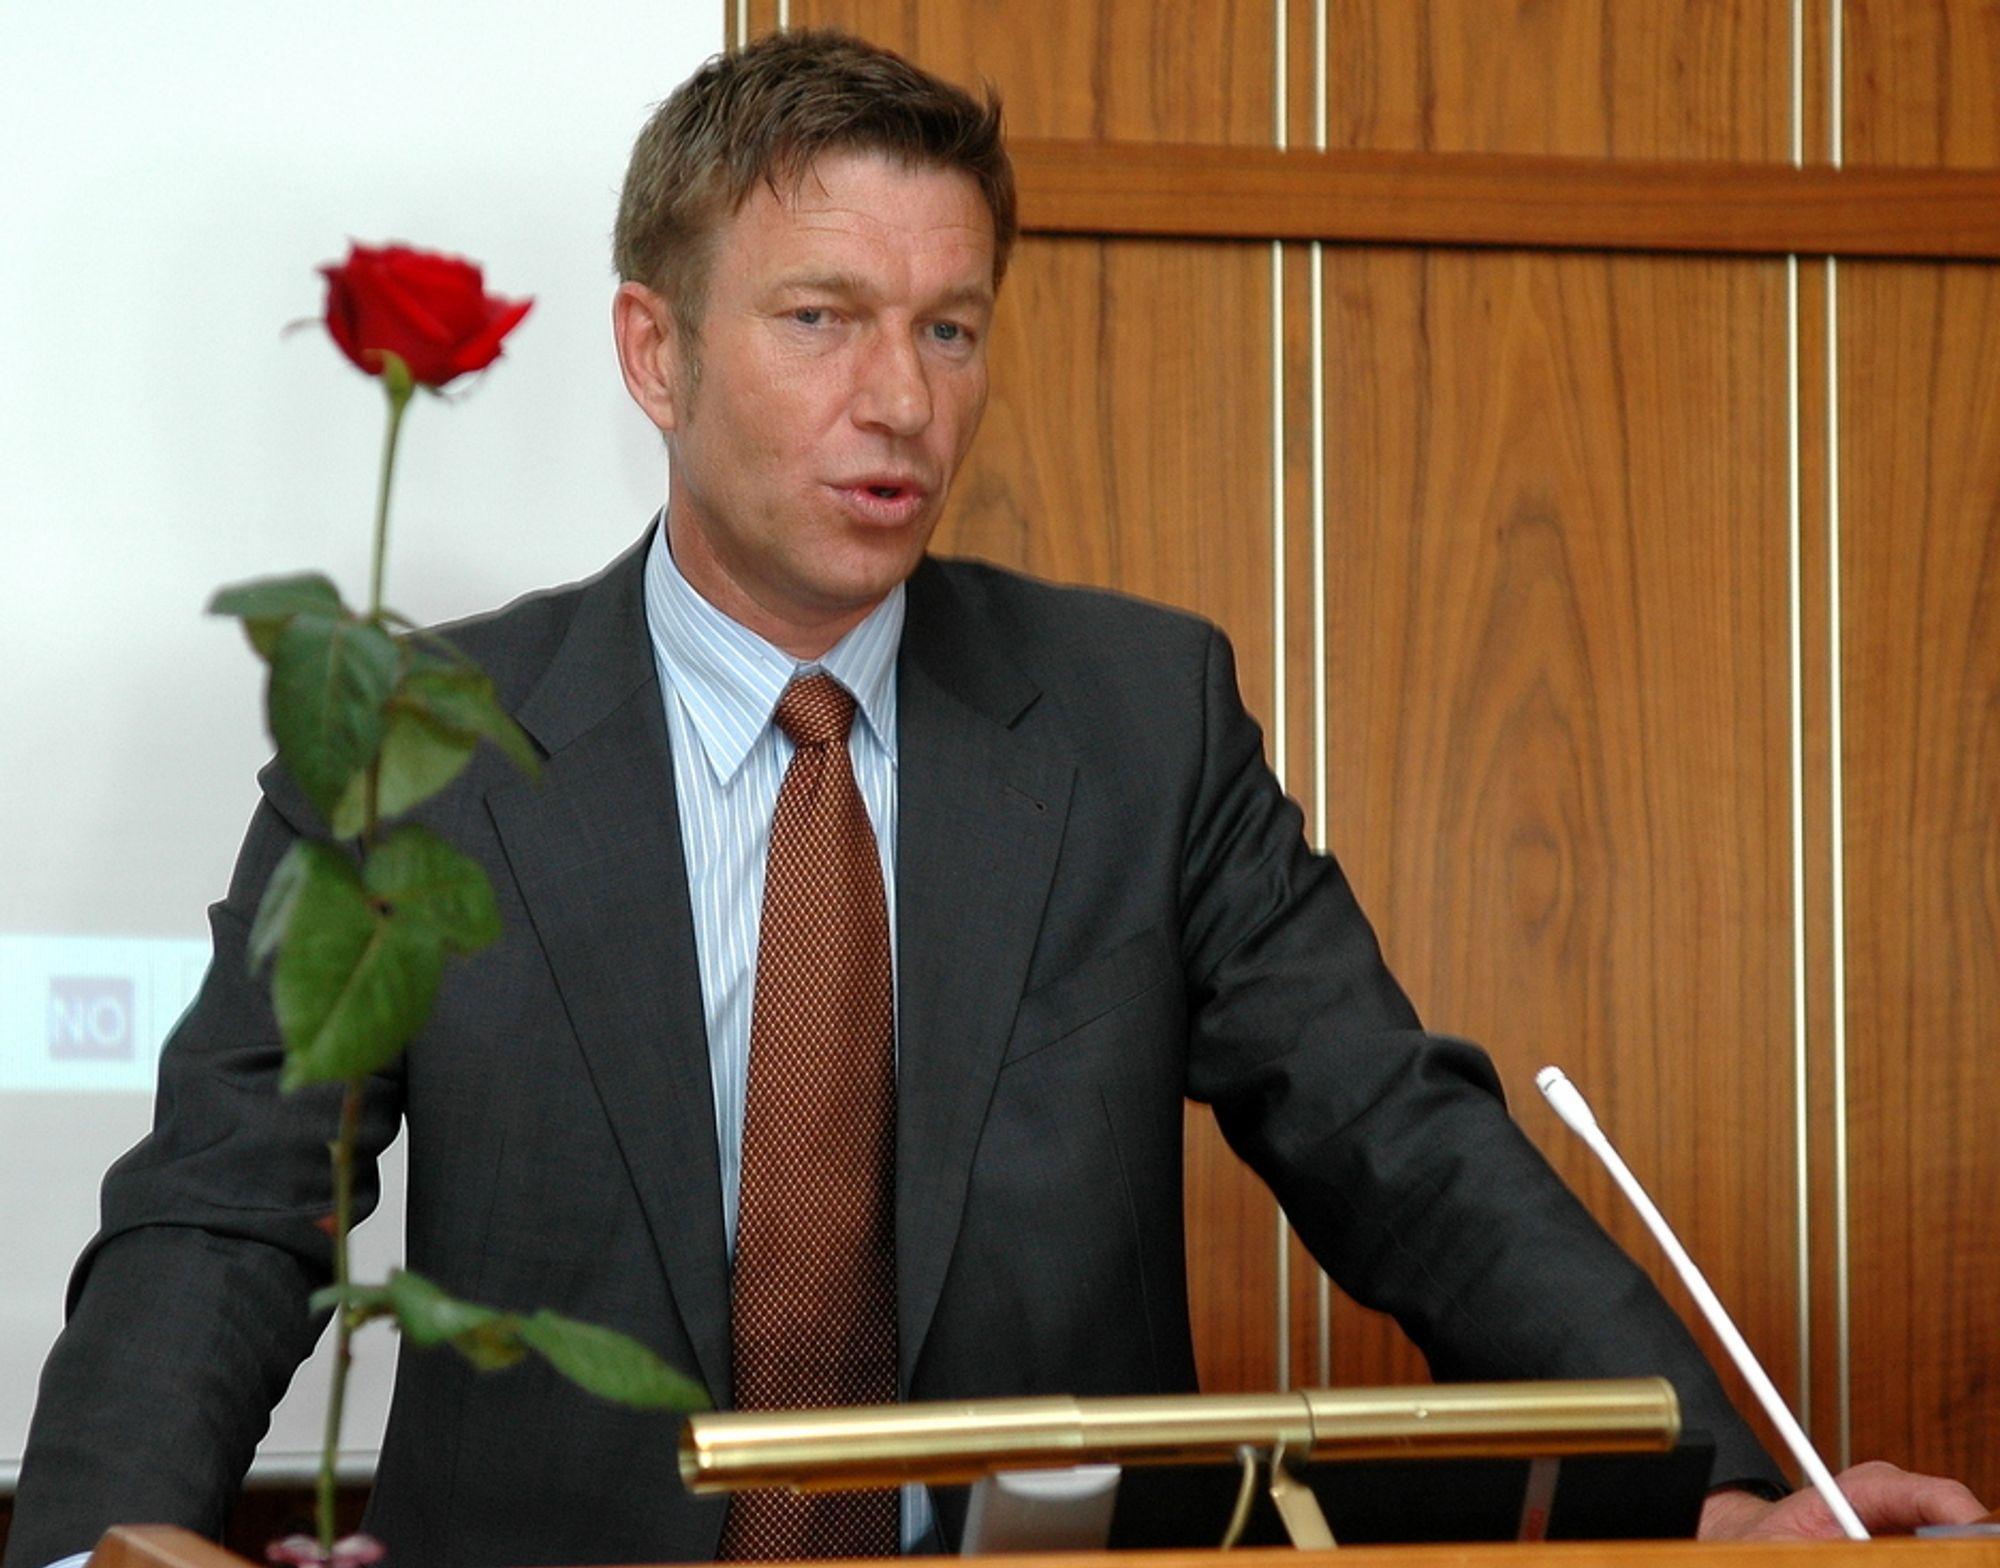 - Energibransjen må gjennom risiko finne frem til de gode løsningene, sier Terje Lien Aasland, leder av næringskomitéen på Stortinget